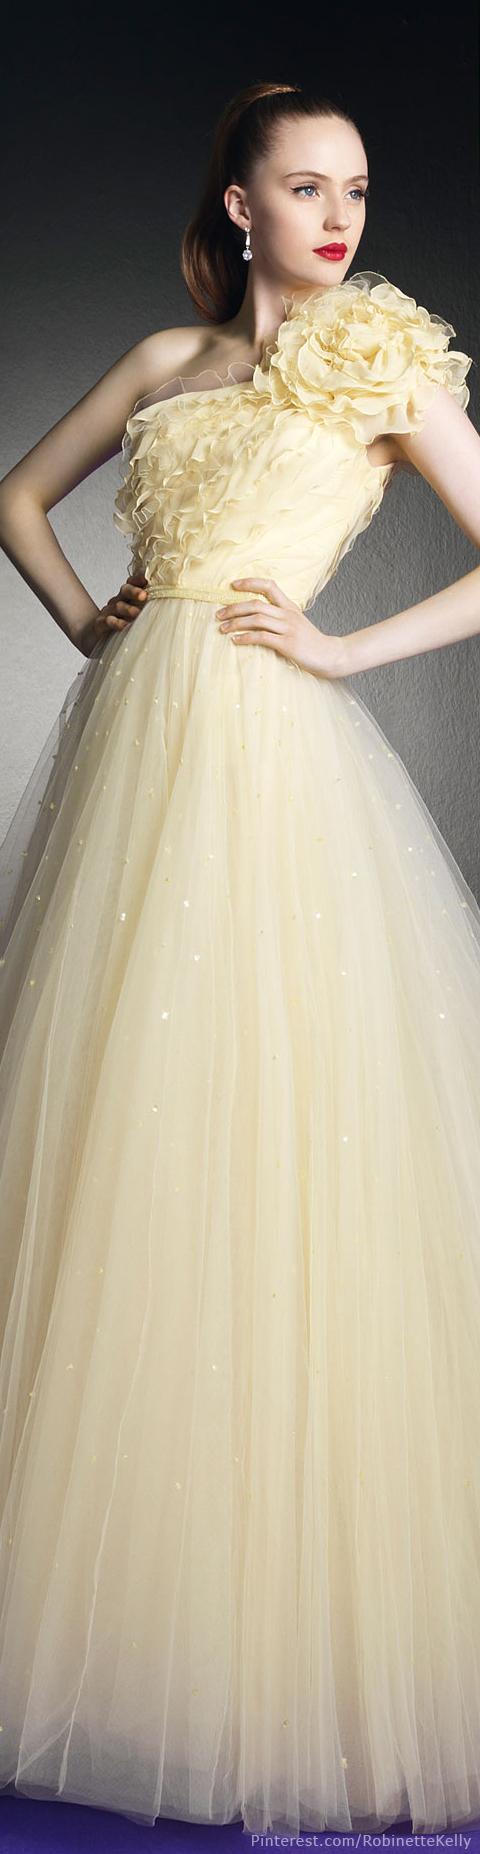 Zuhair murad for rosa clará yellow wedding dress all